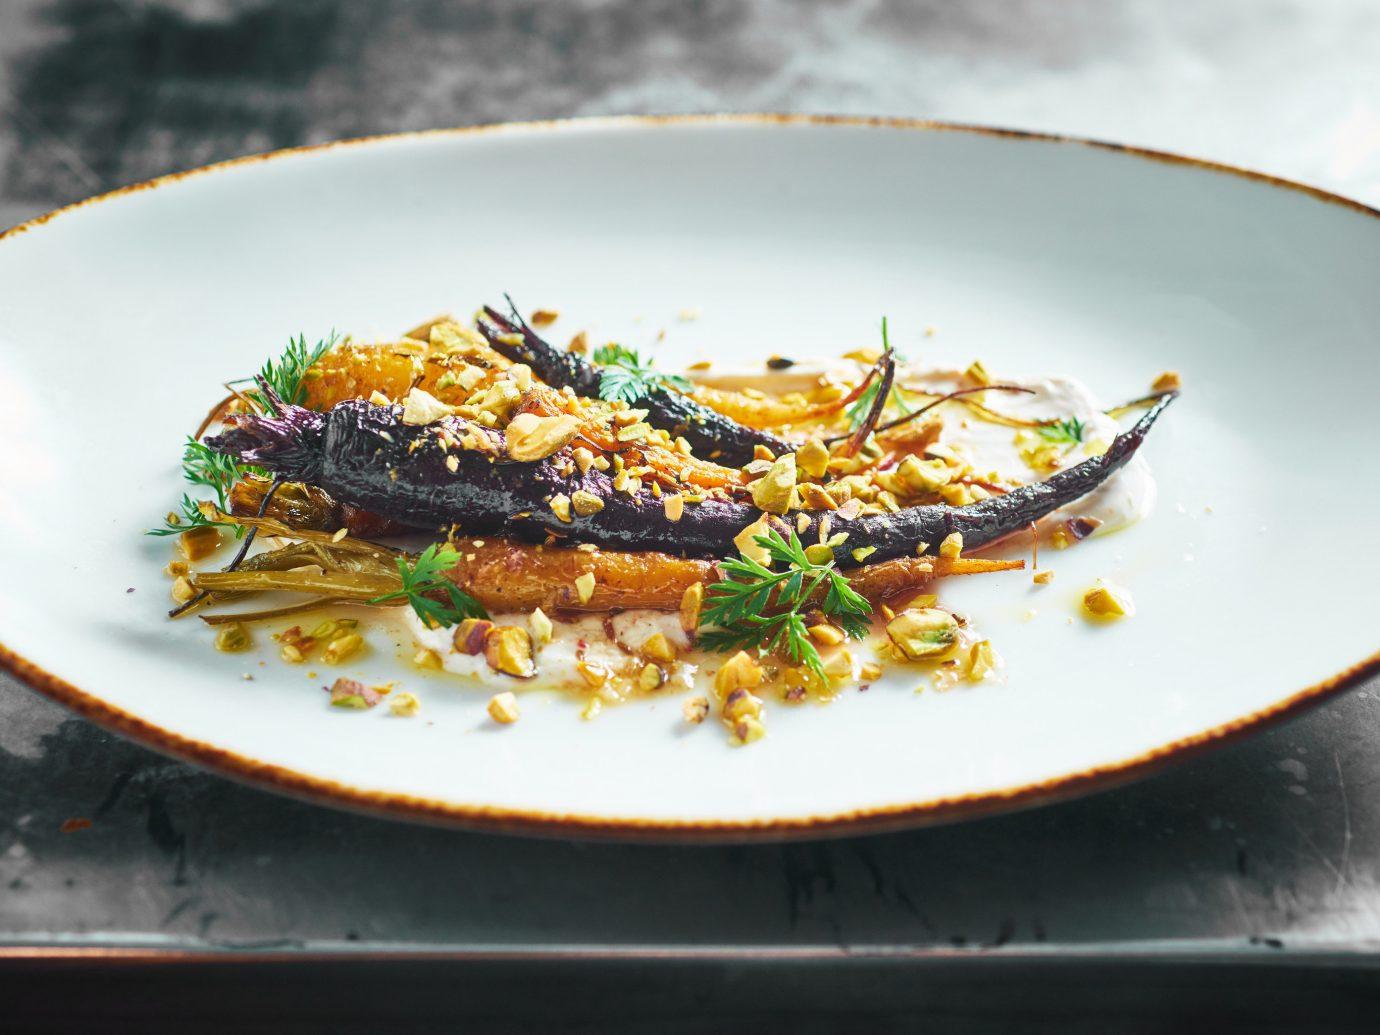 Food + Drink Romantic Getaways Weekend Getaways food plate dish cuisine vegetarian food recipe meat eaten piece de resistance